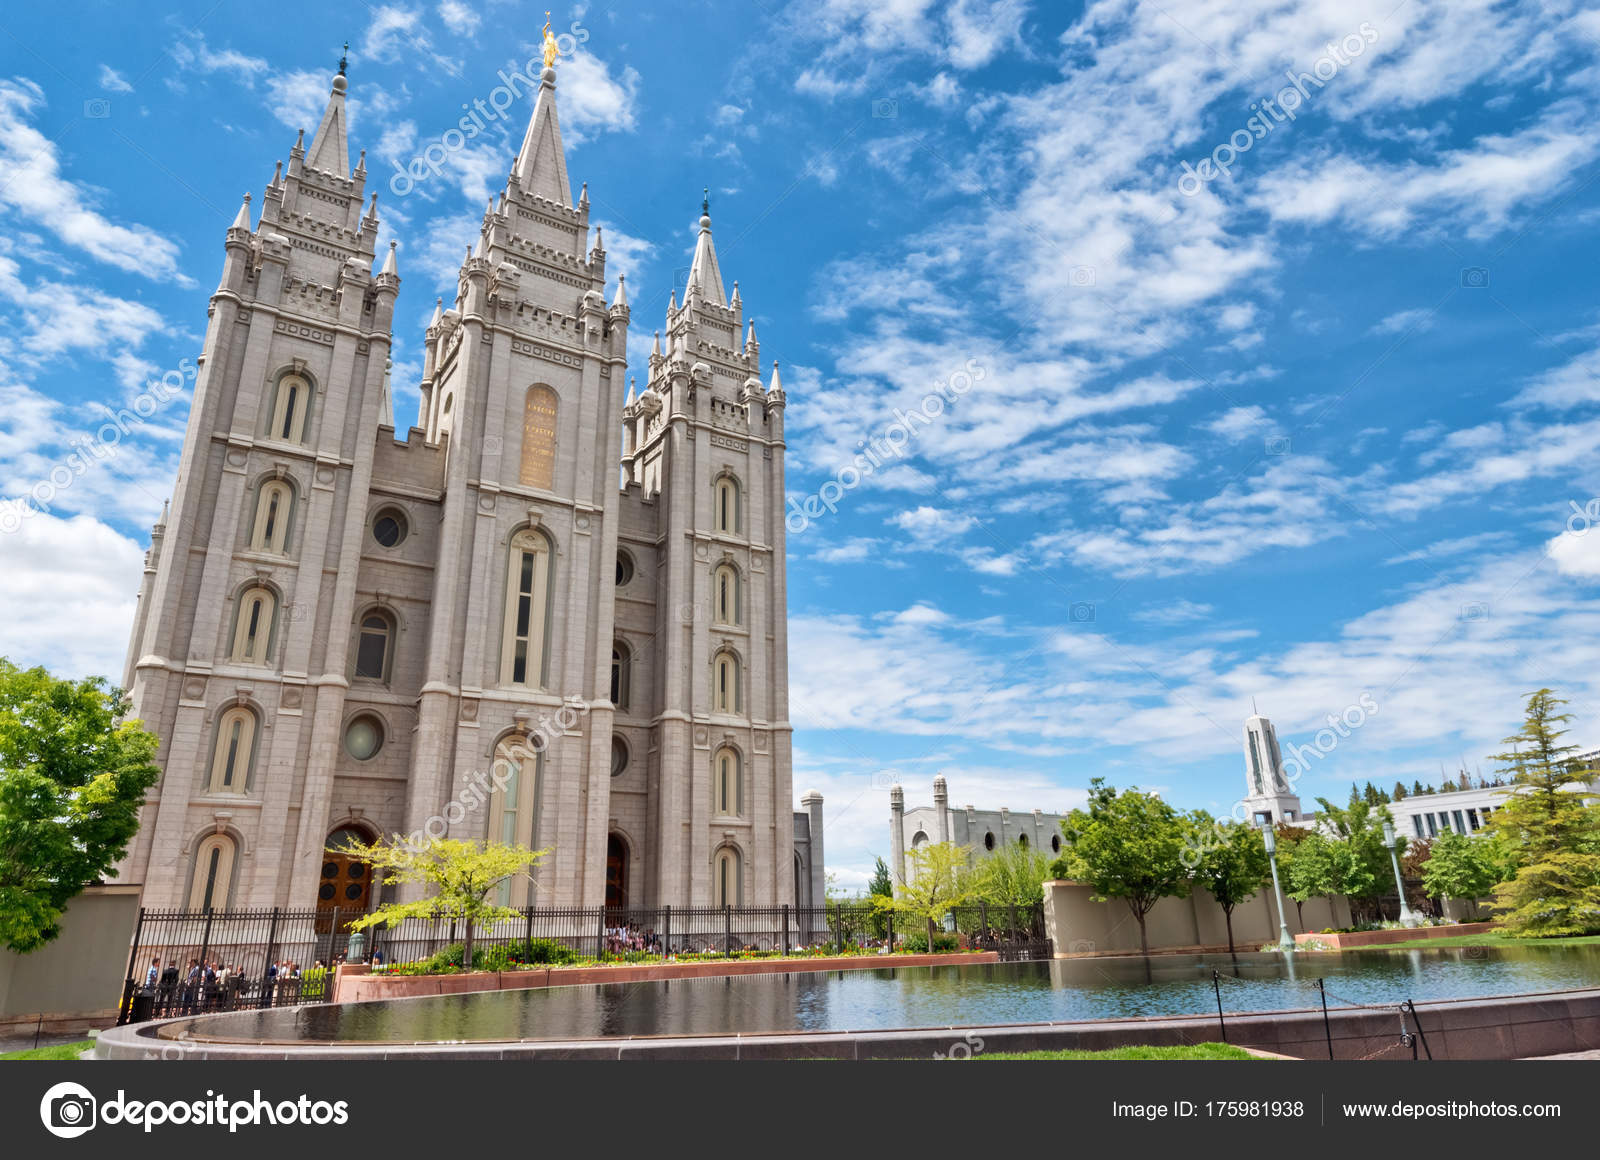 Salt Lake City Usa May 2017 Salt Lake Temple Temple – Stock